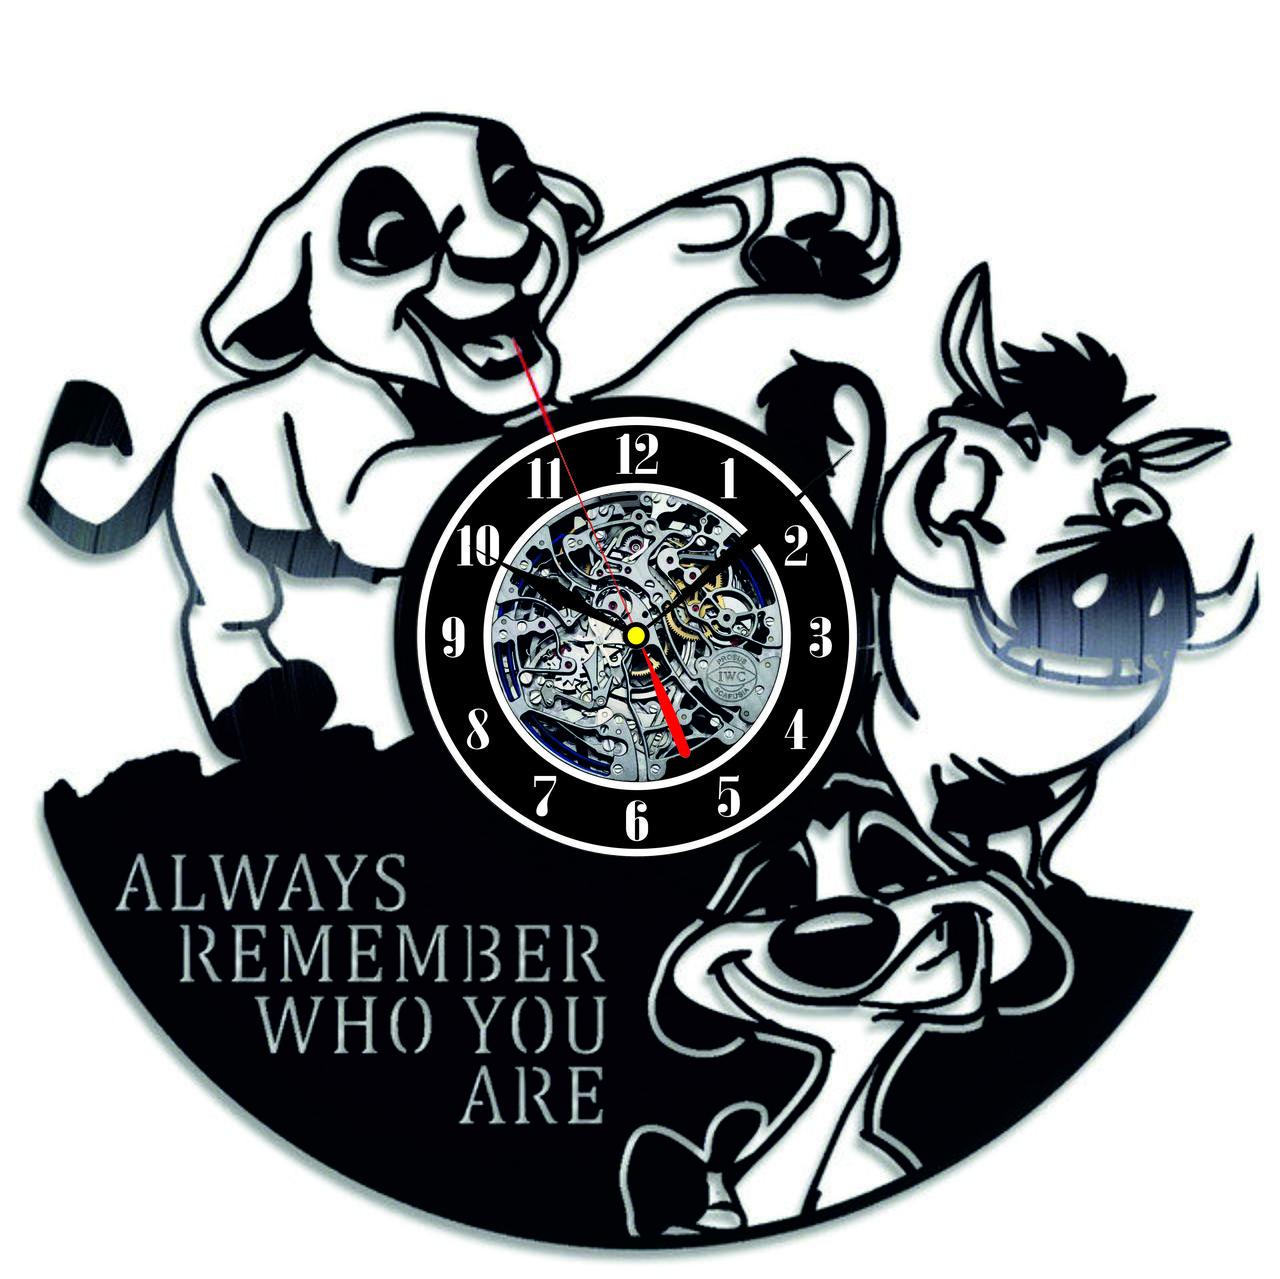 Настенные часы из виниловых пластинок LikeMark Lion King